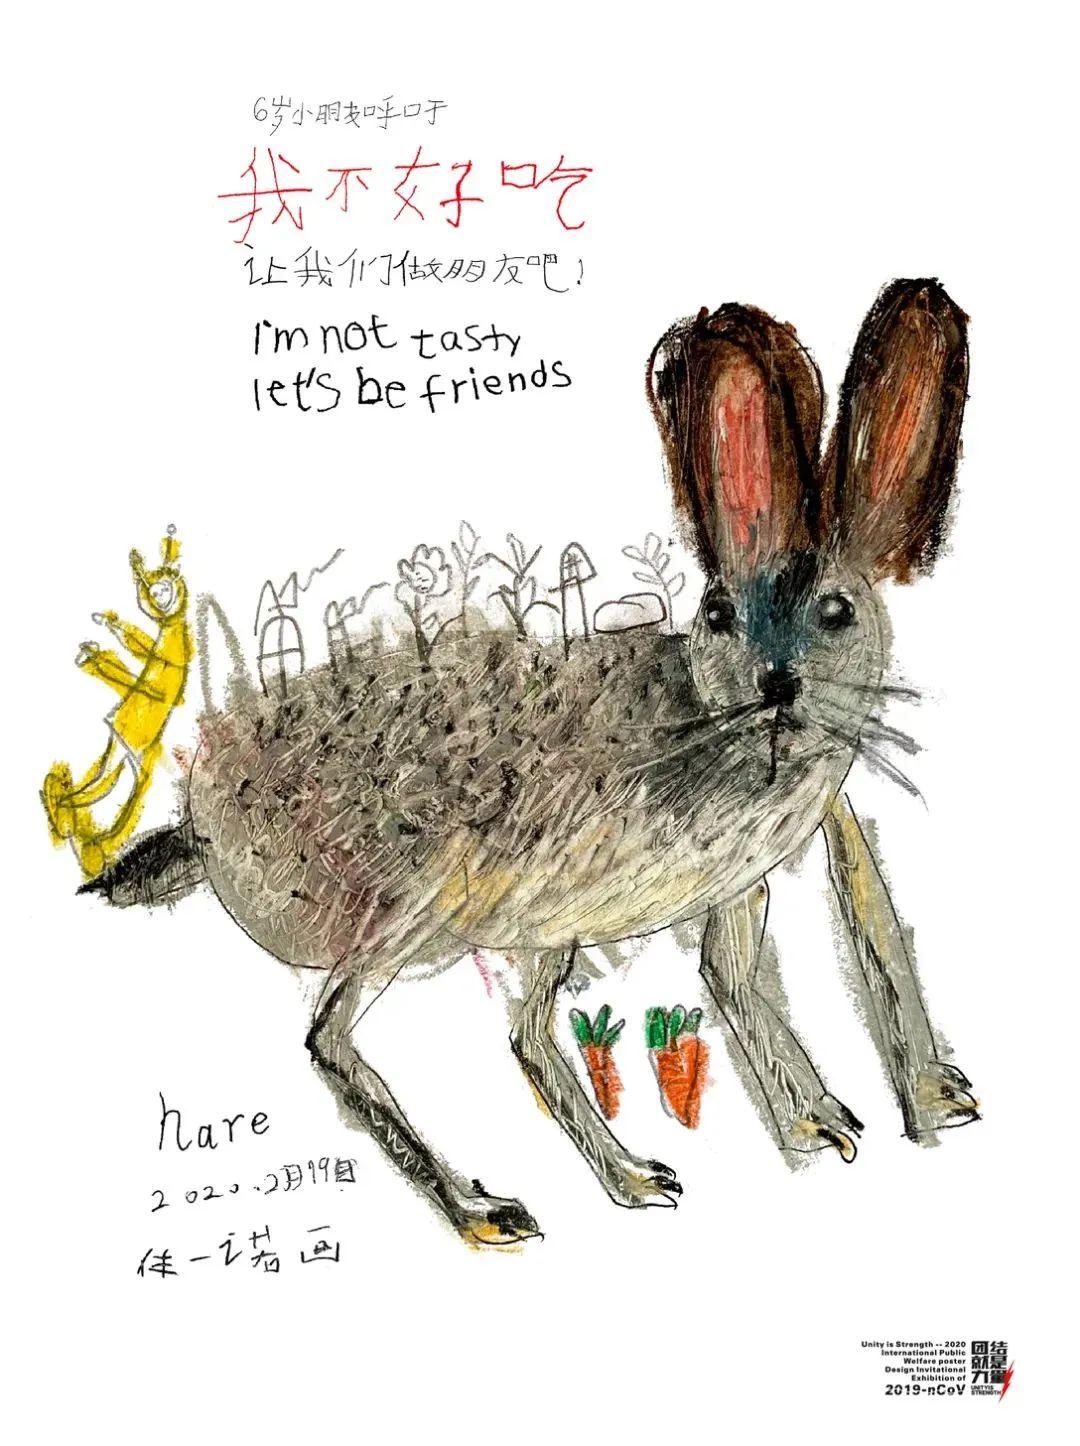 6岁蒙古族小设计师用插画拯救野生动物,为抗疫助力! 第46张